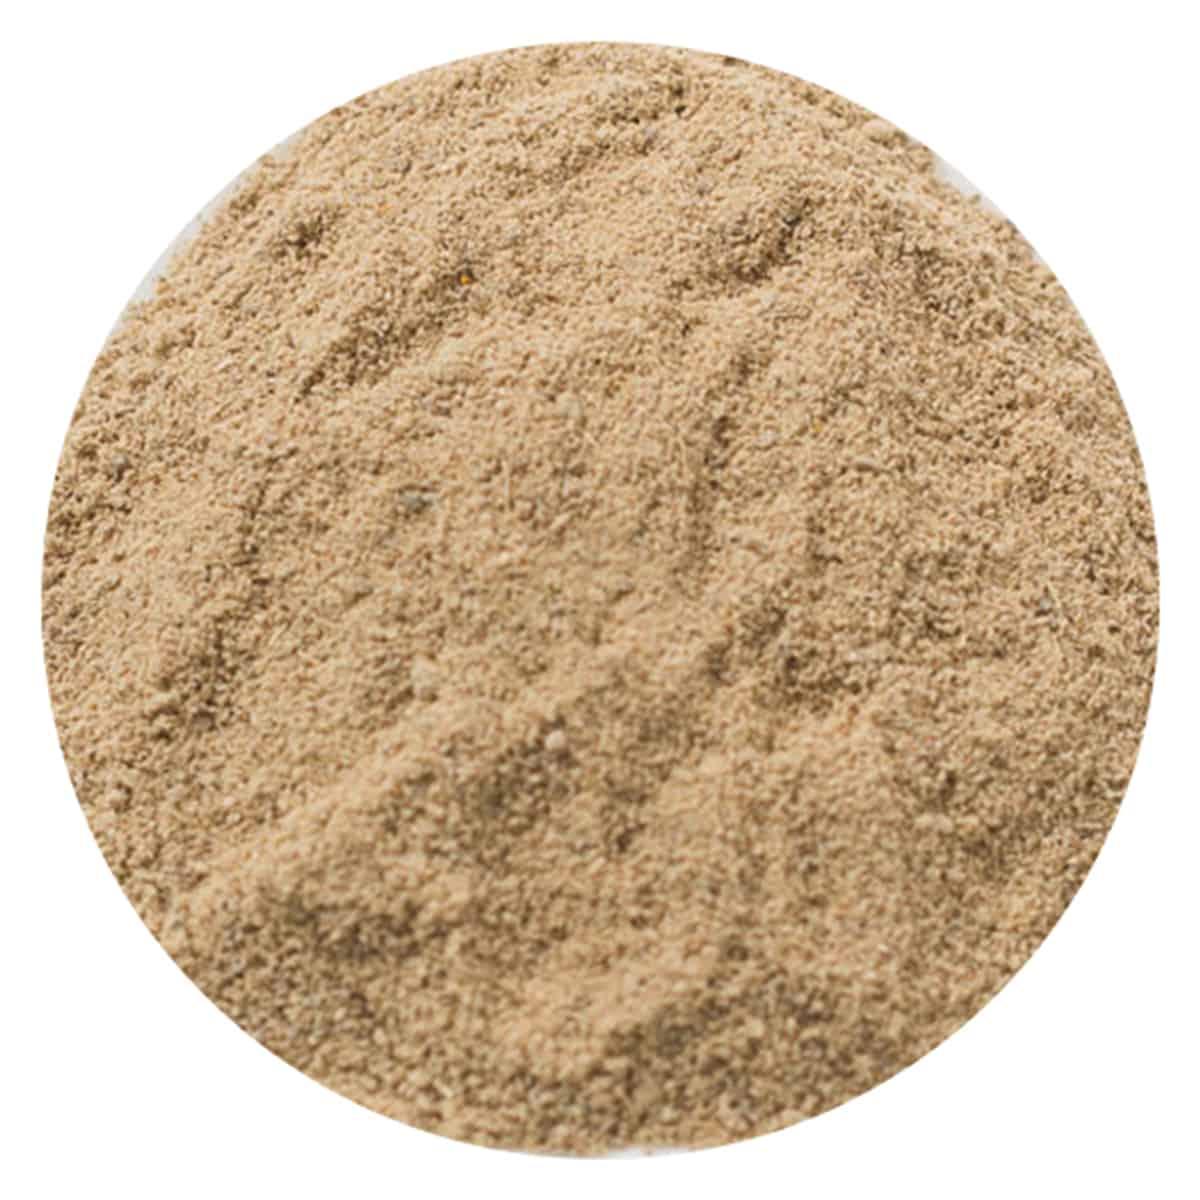 Buy IAG Foods Dried Mango Powder (Amchur Powder) - 1 kg